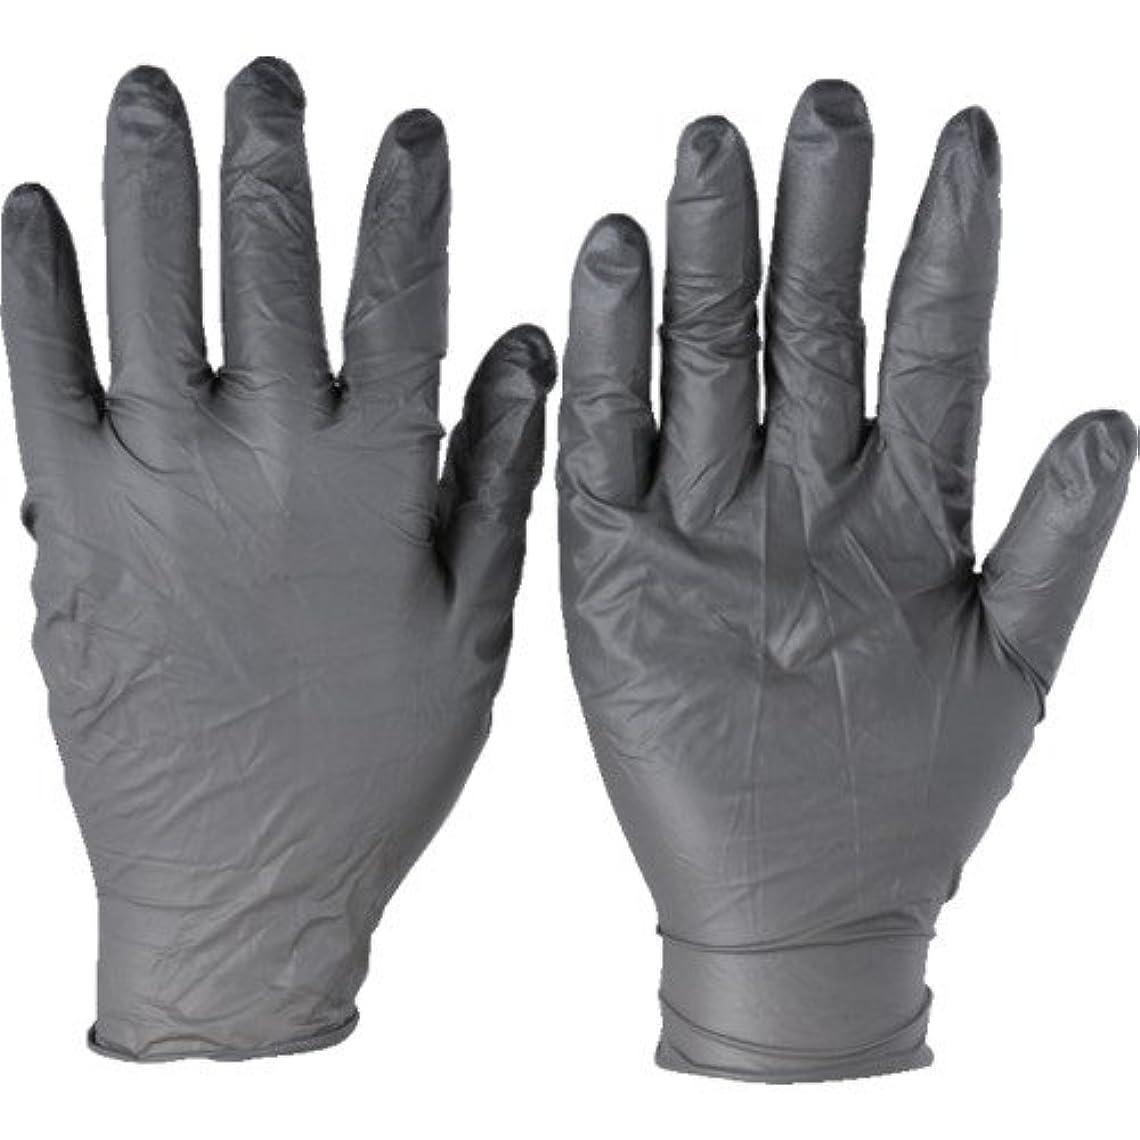 深遠提唱するましいトラスコ中山 アンセル ニトリルゴム使い捨て手袋 タッチエヌタフ 粉無 XLサイズ100枚入 9325010